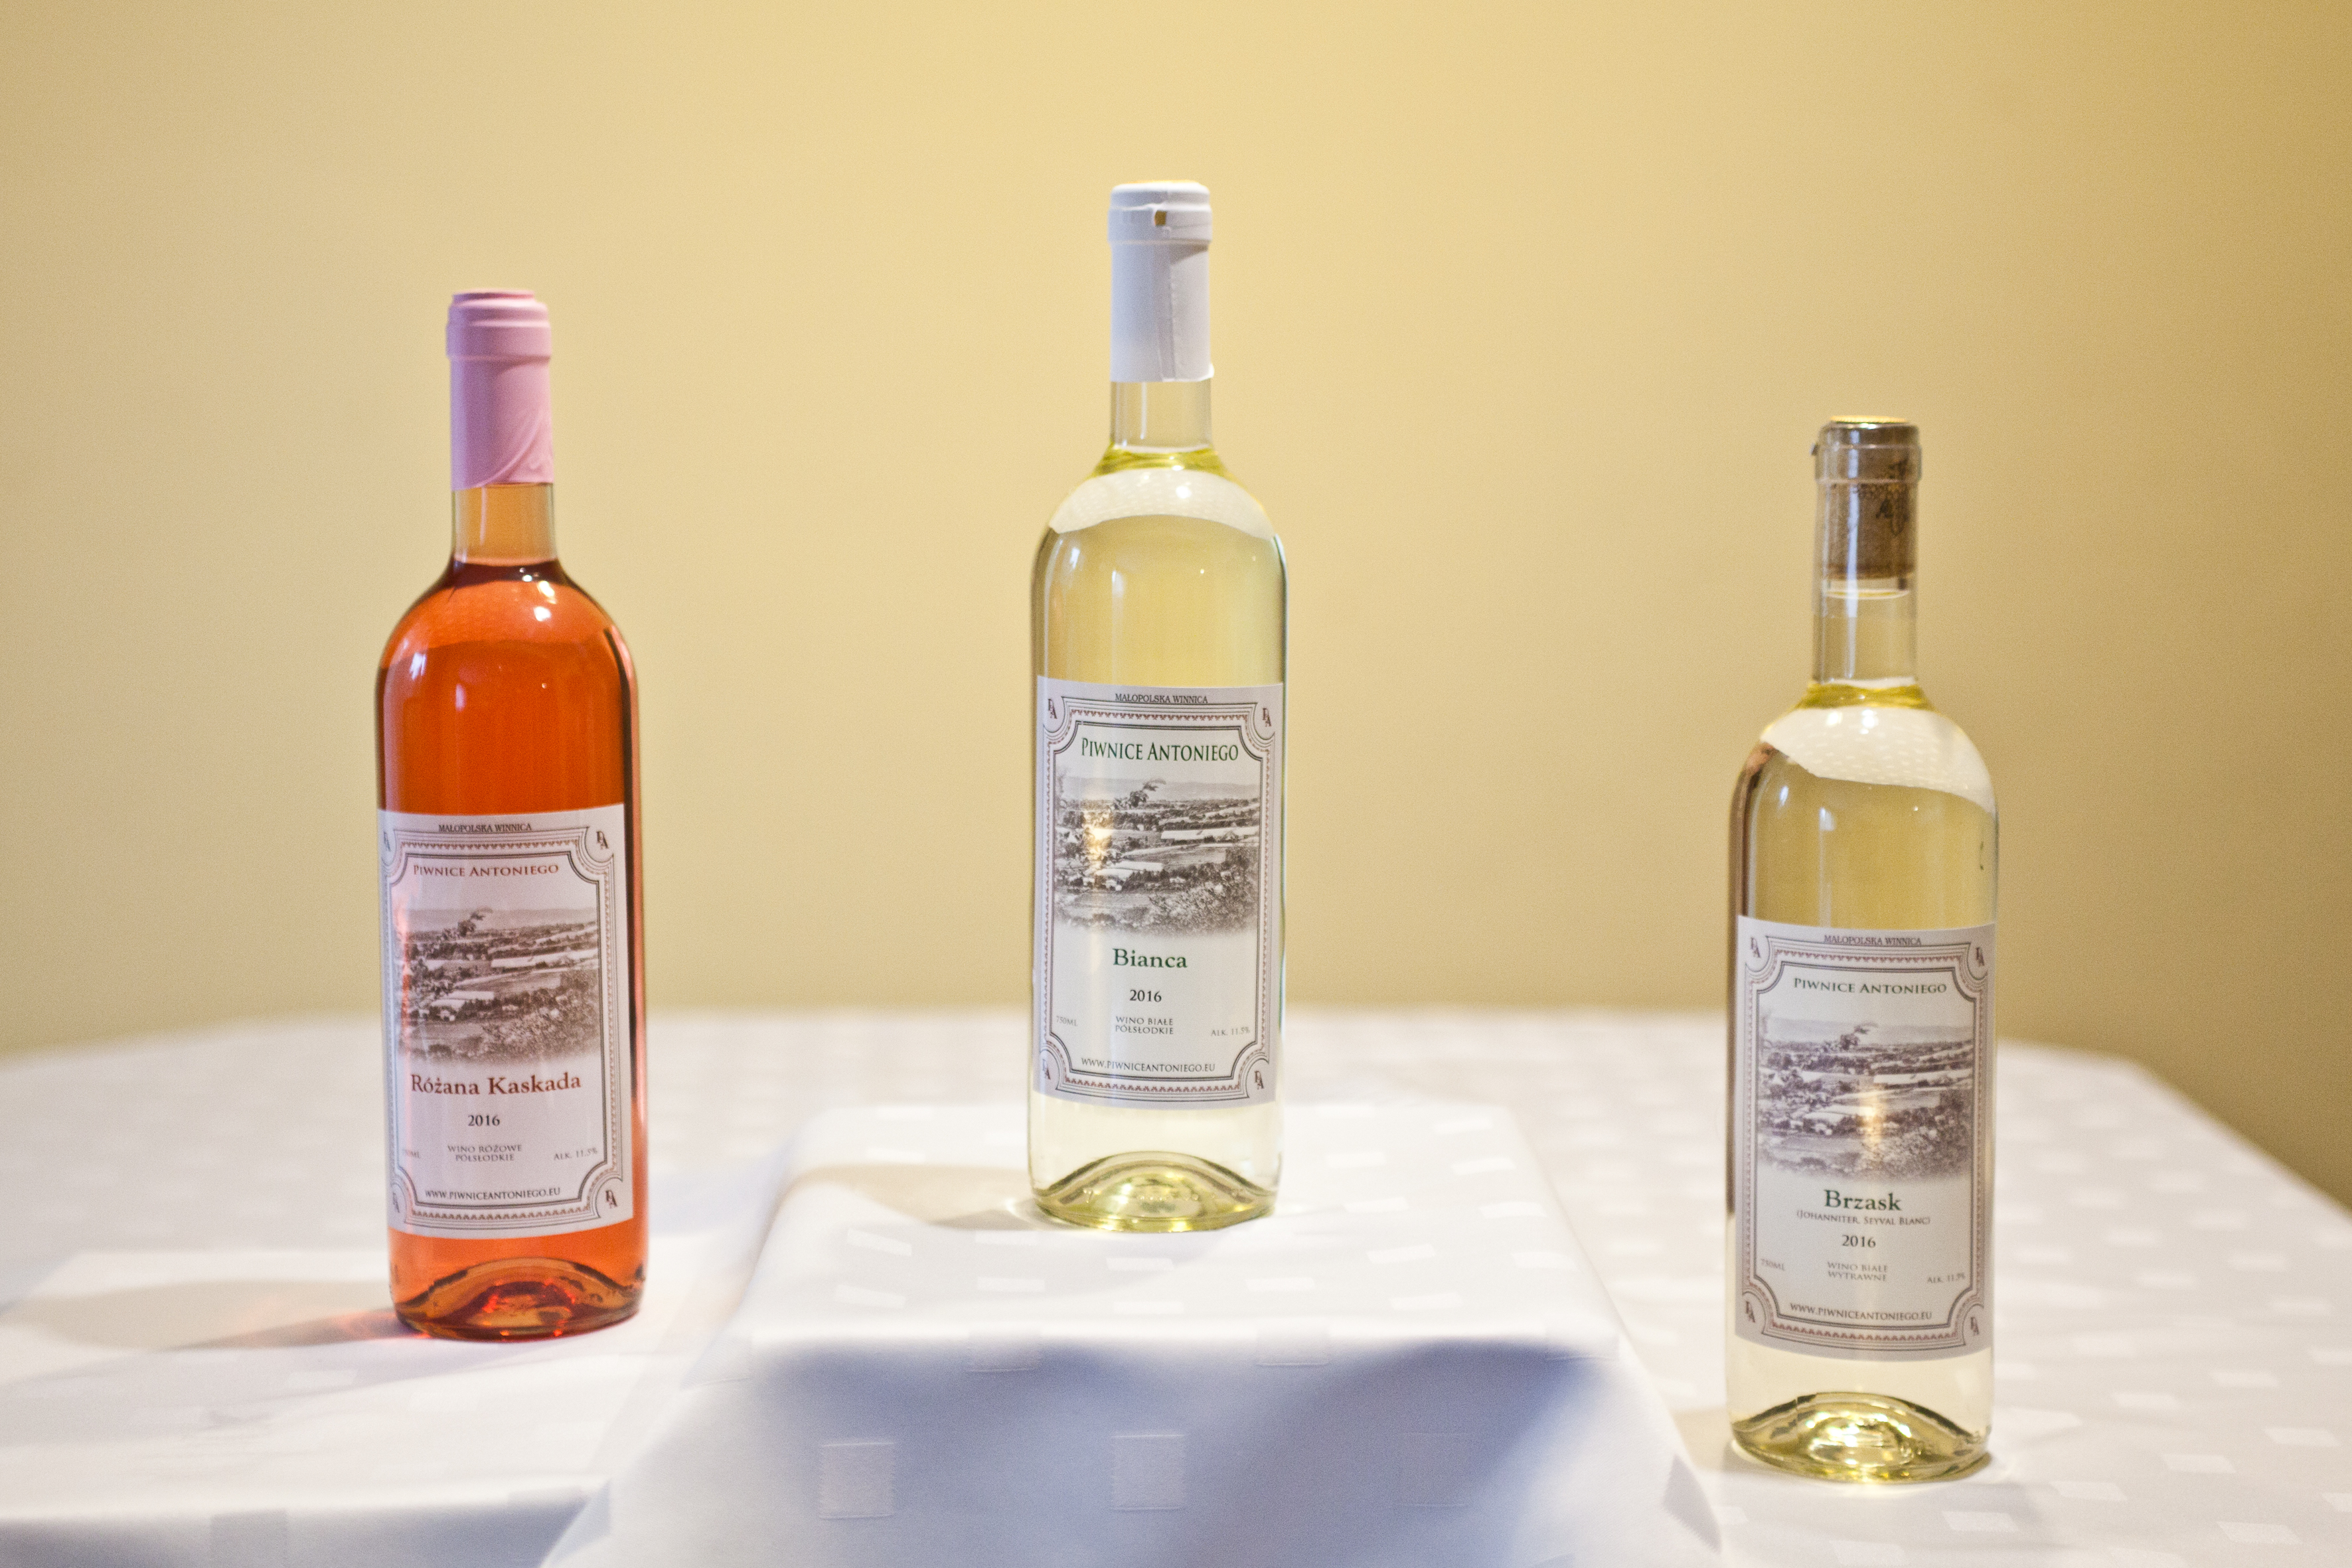 Piwnice Antoniego - Wino